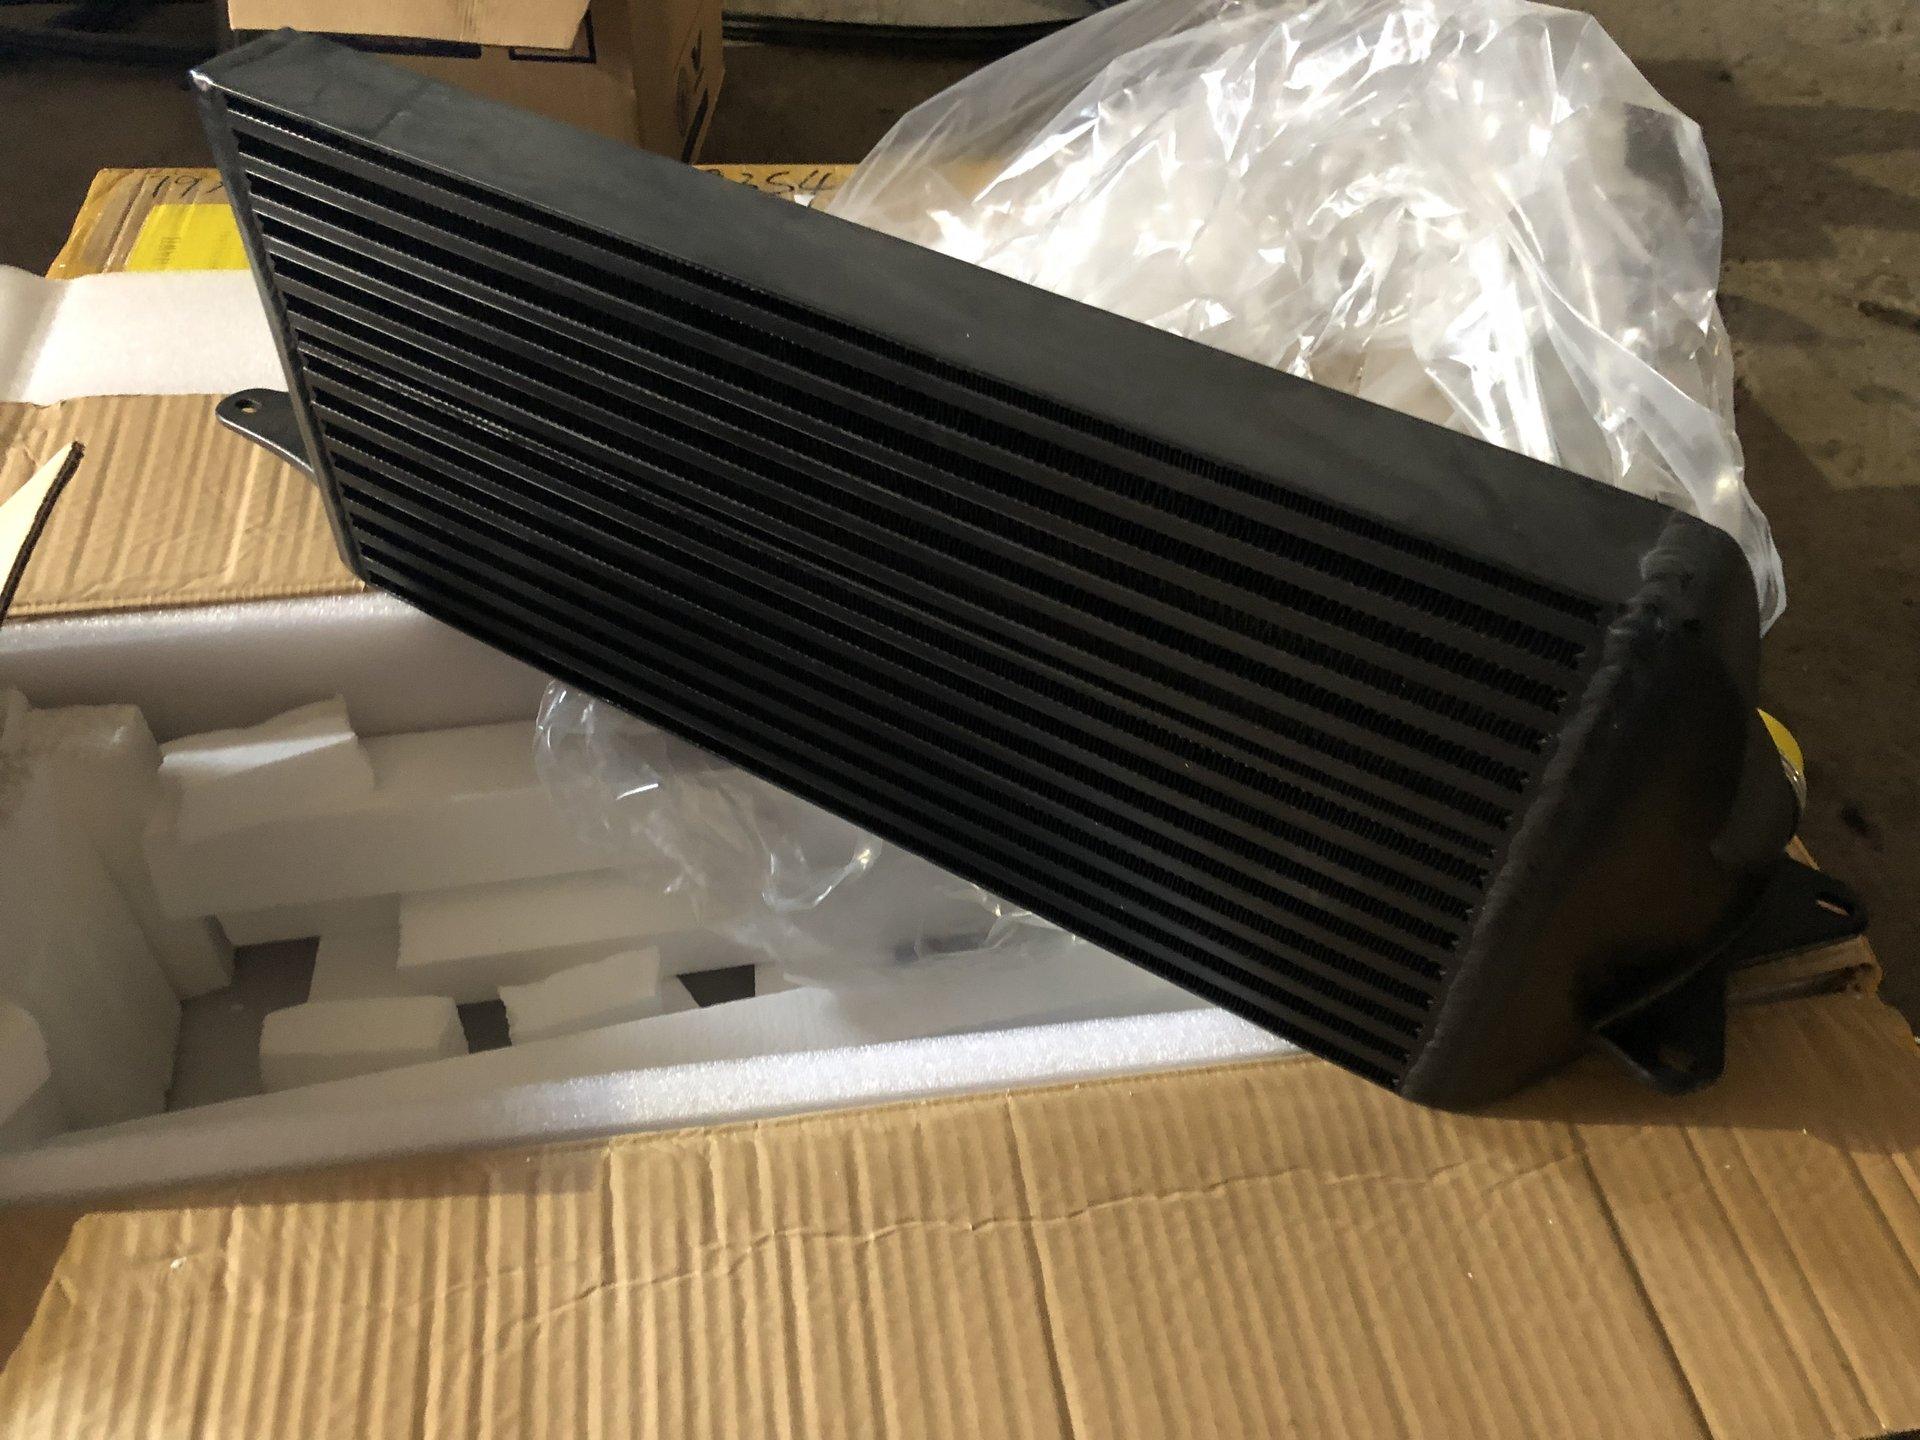 BD8D4272-F05D-486C-BE04-FA92196EF328.jpeg